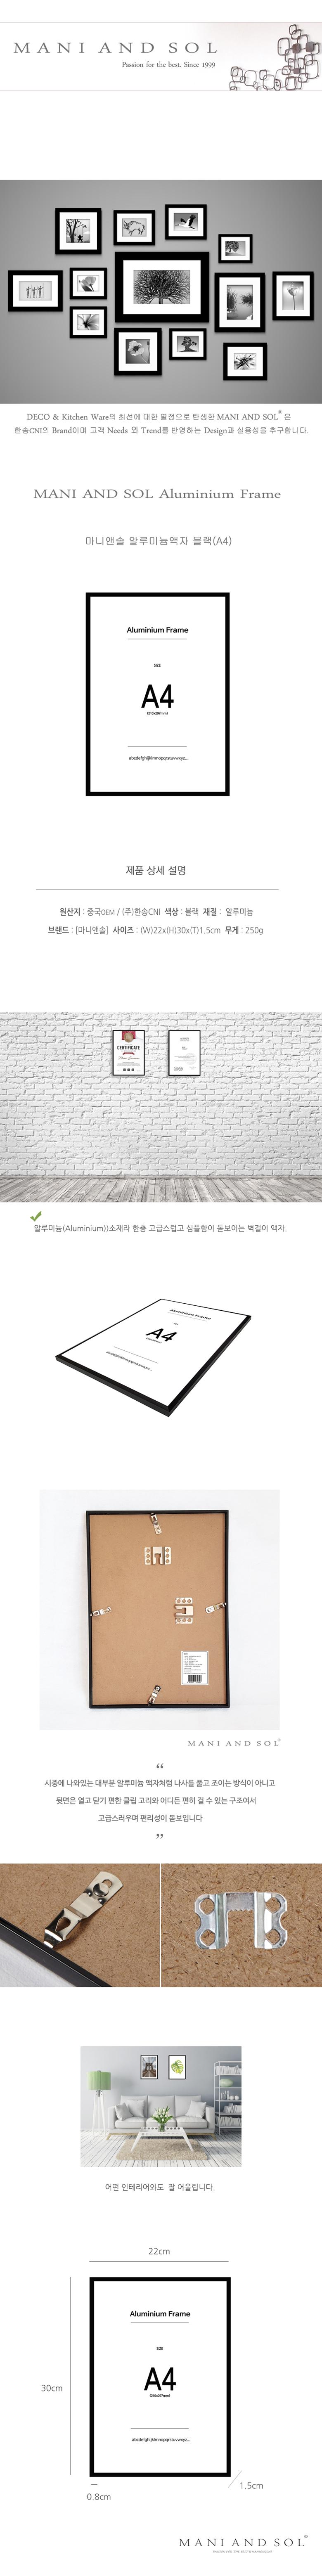 알루미늄액자A4(블랙) - 마니앤솔, 8,900원, 액자, 벽걸이액자